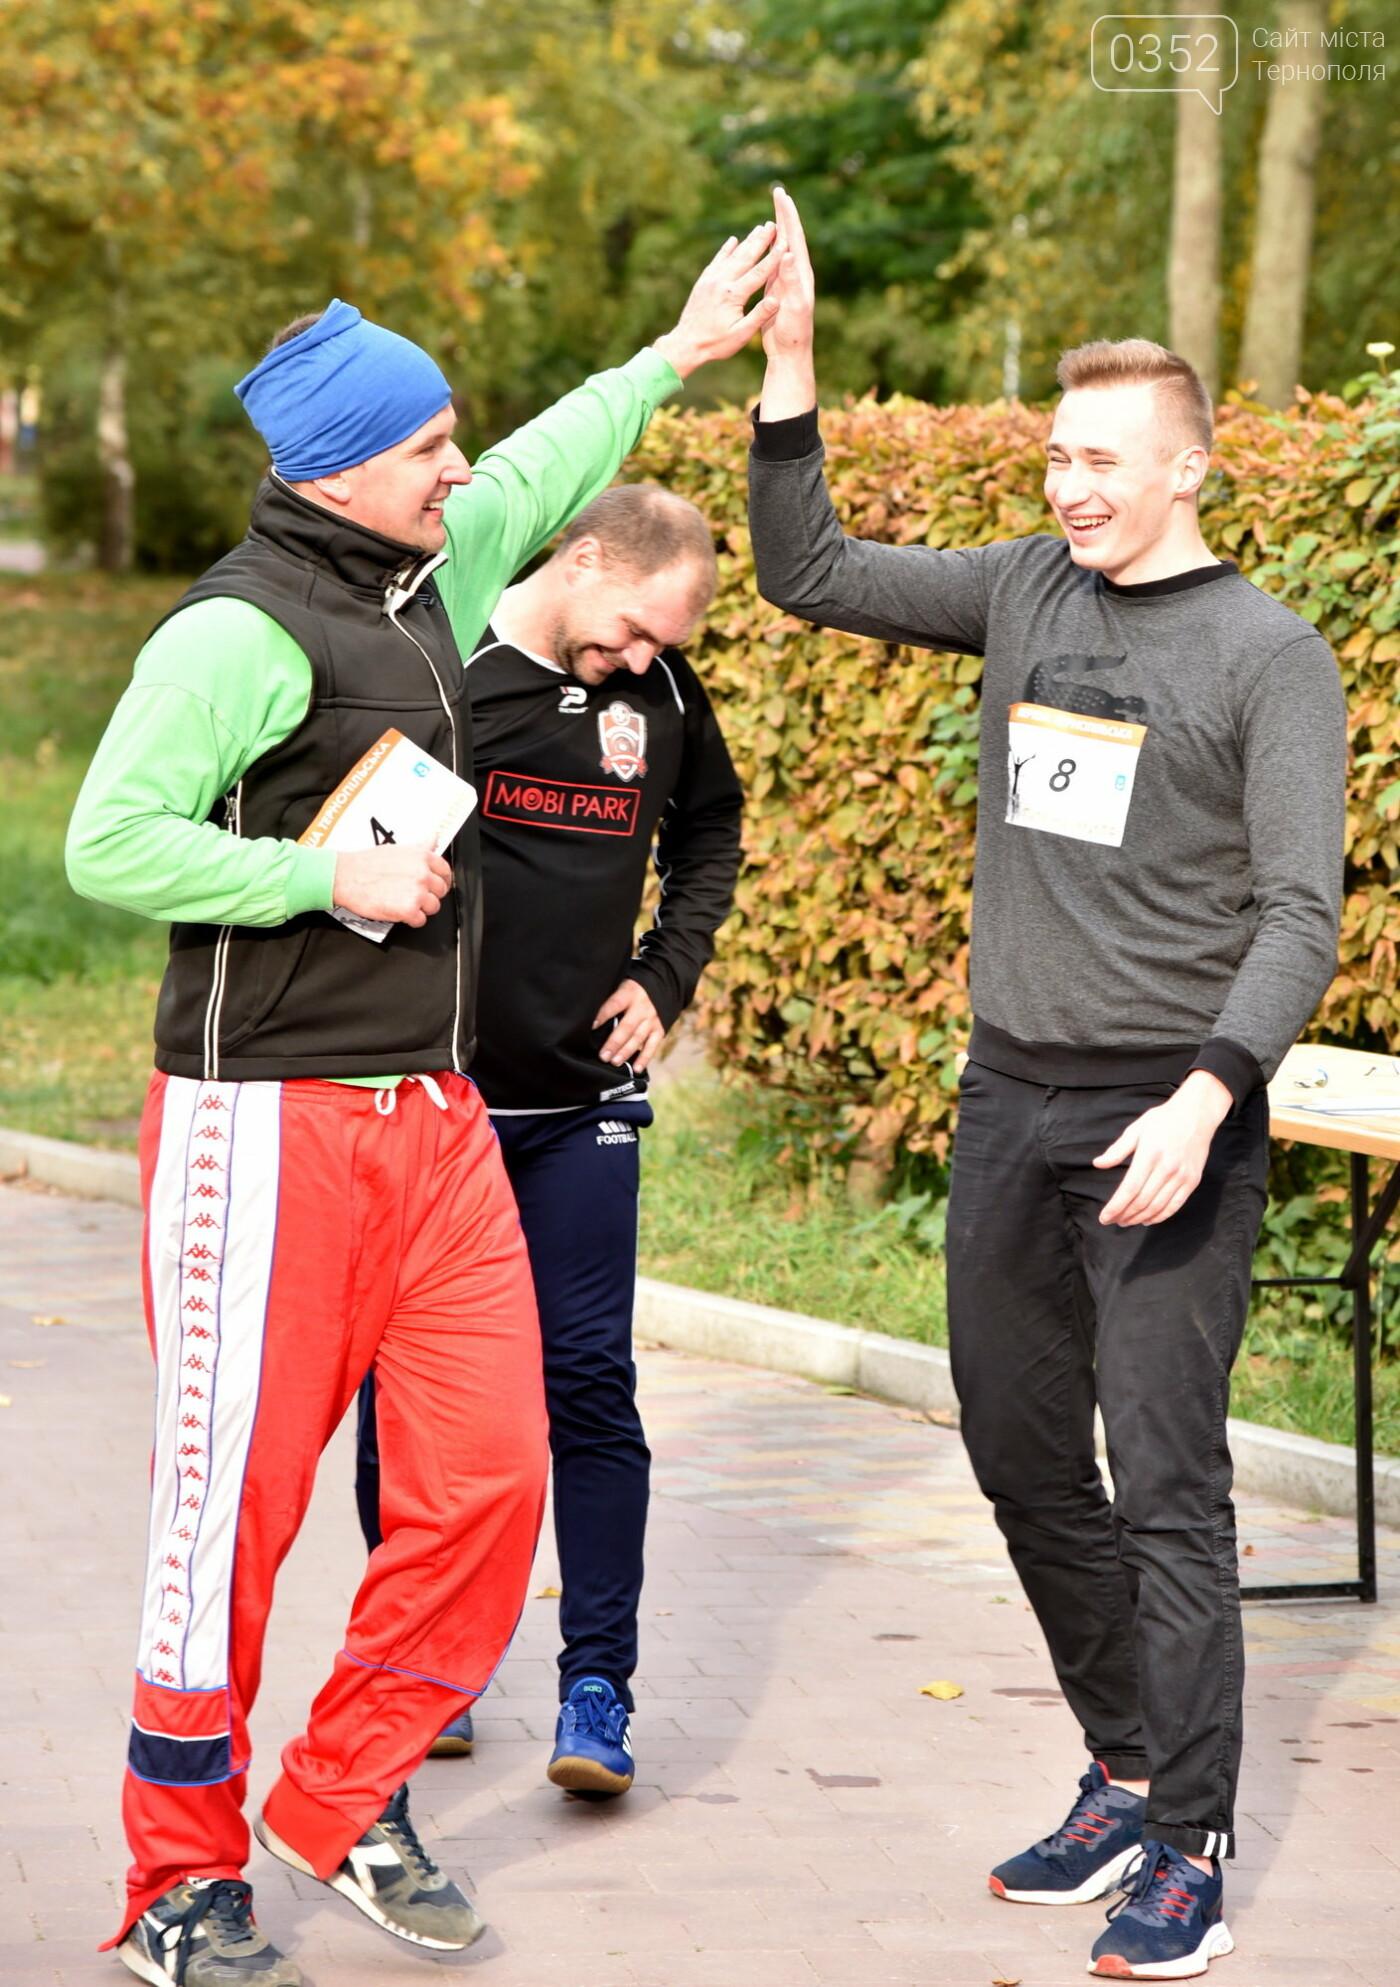 У Тернополі на «Пивній милі», де треба було пити пиво під час бігу, фінішувати вдалося не всім (Фоторепортаж), фото-9